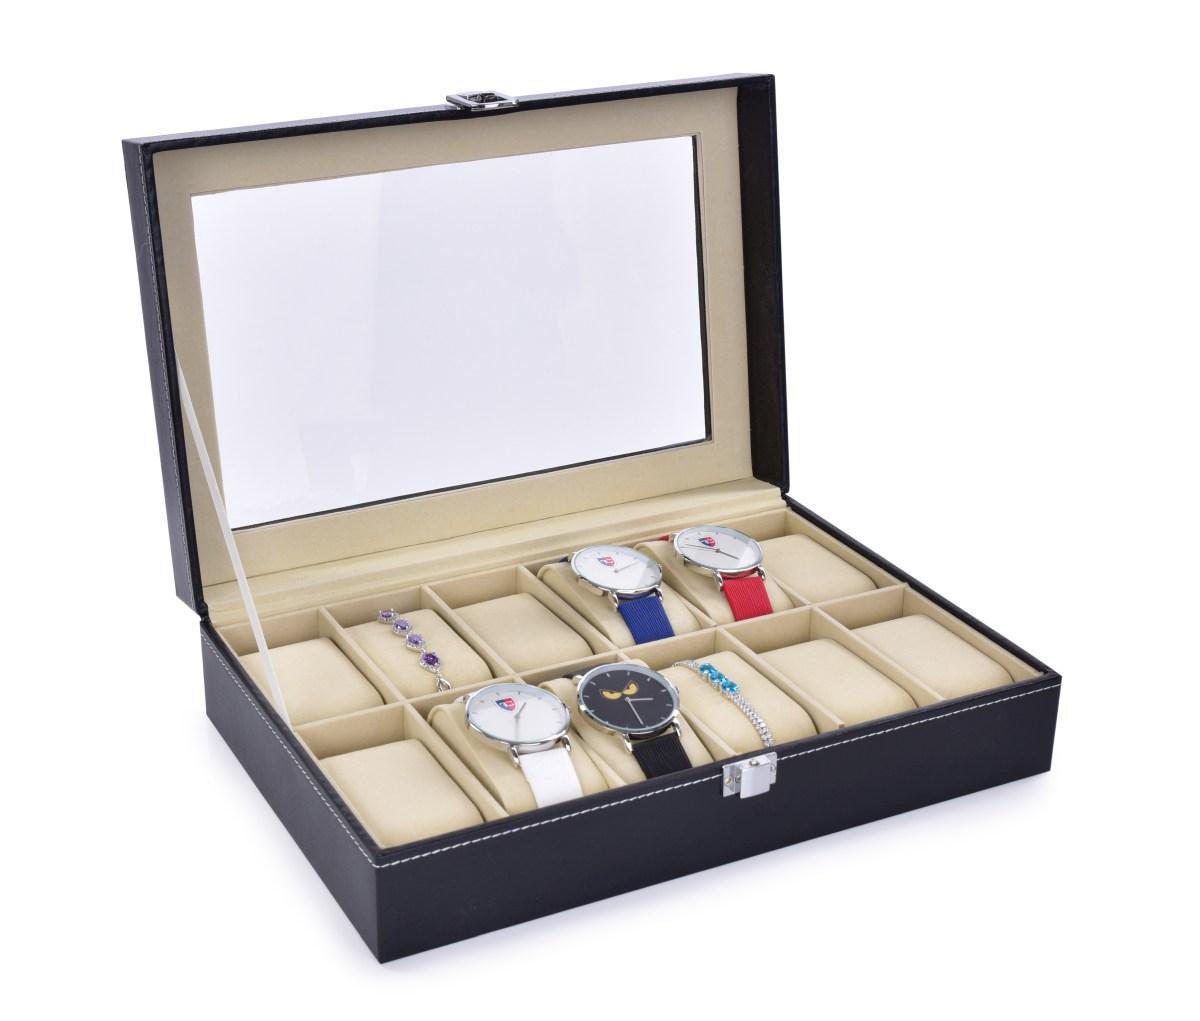 Luxusní kazeta na uložení hodinek i náramků